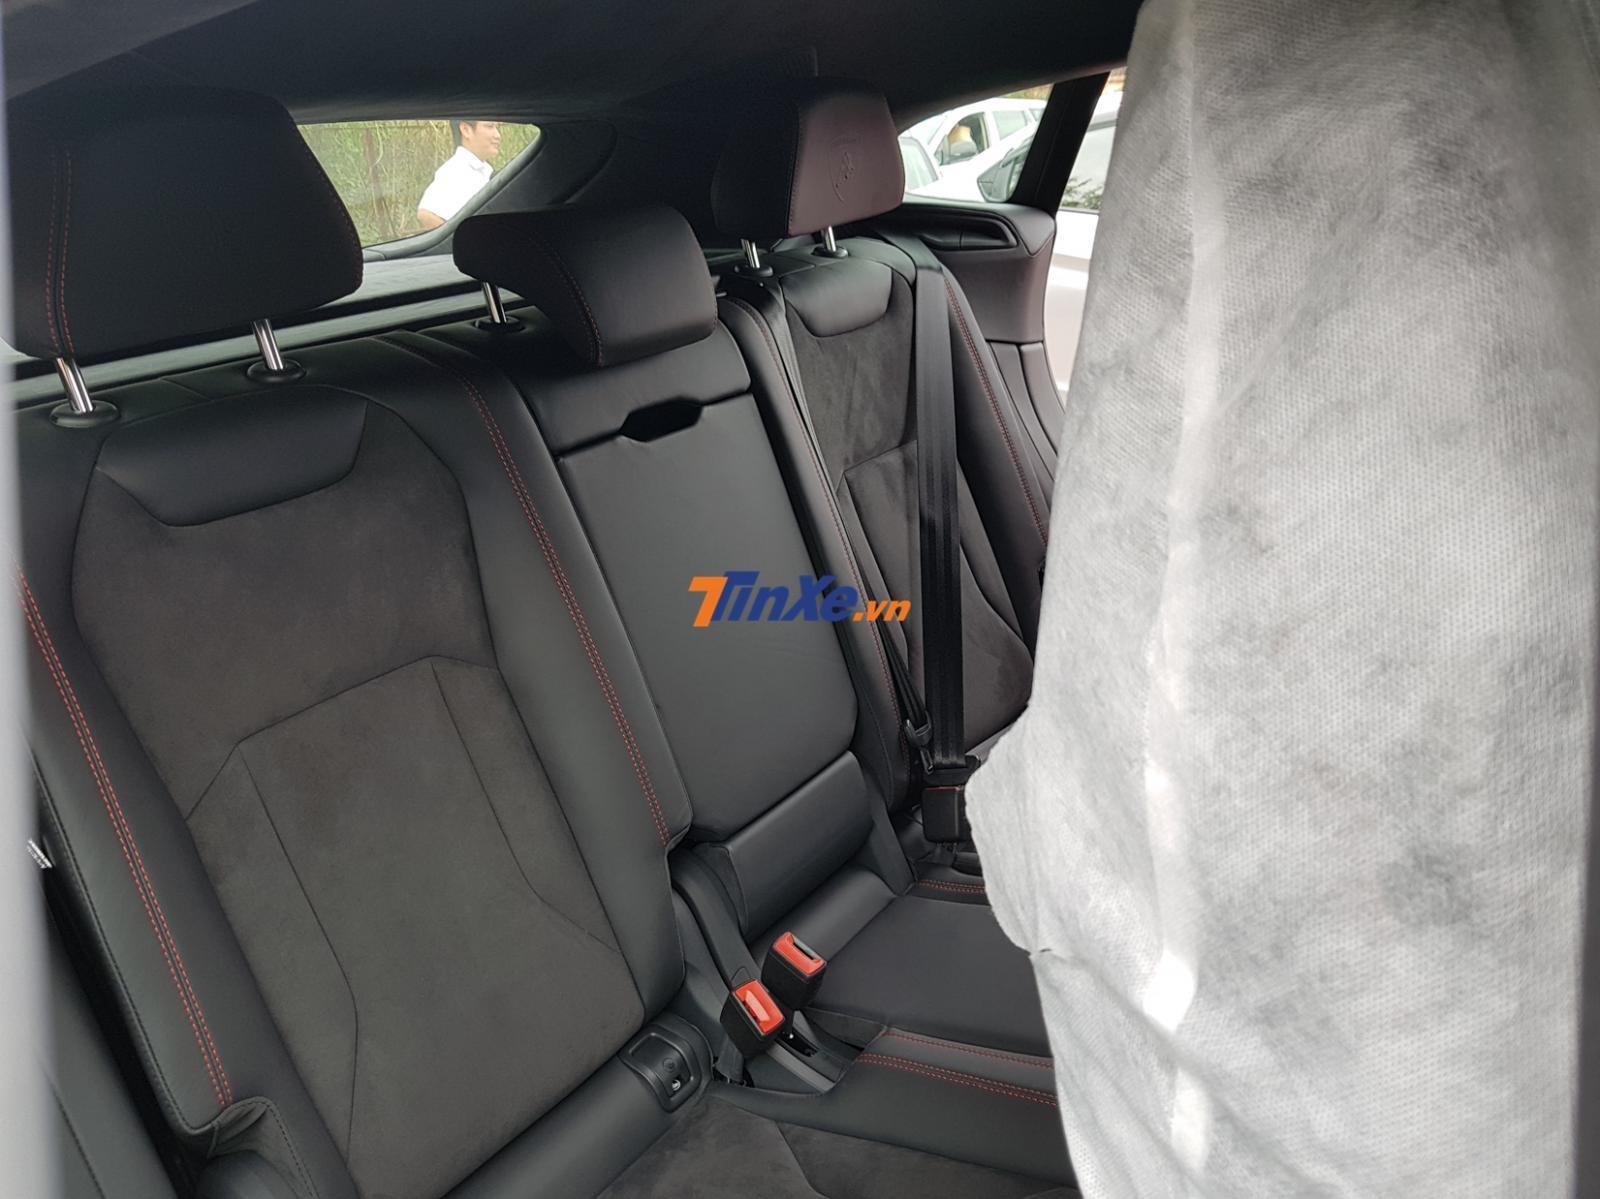 Chiếc Lamborghini Urus của Minh Nhựa thuộc bản 5 chỗ ngồi và thậm chí không có tích hợp 2 màn hình giải trí cho hàng ghế phía sau